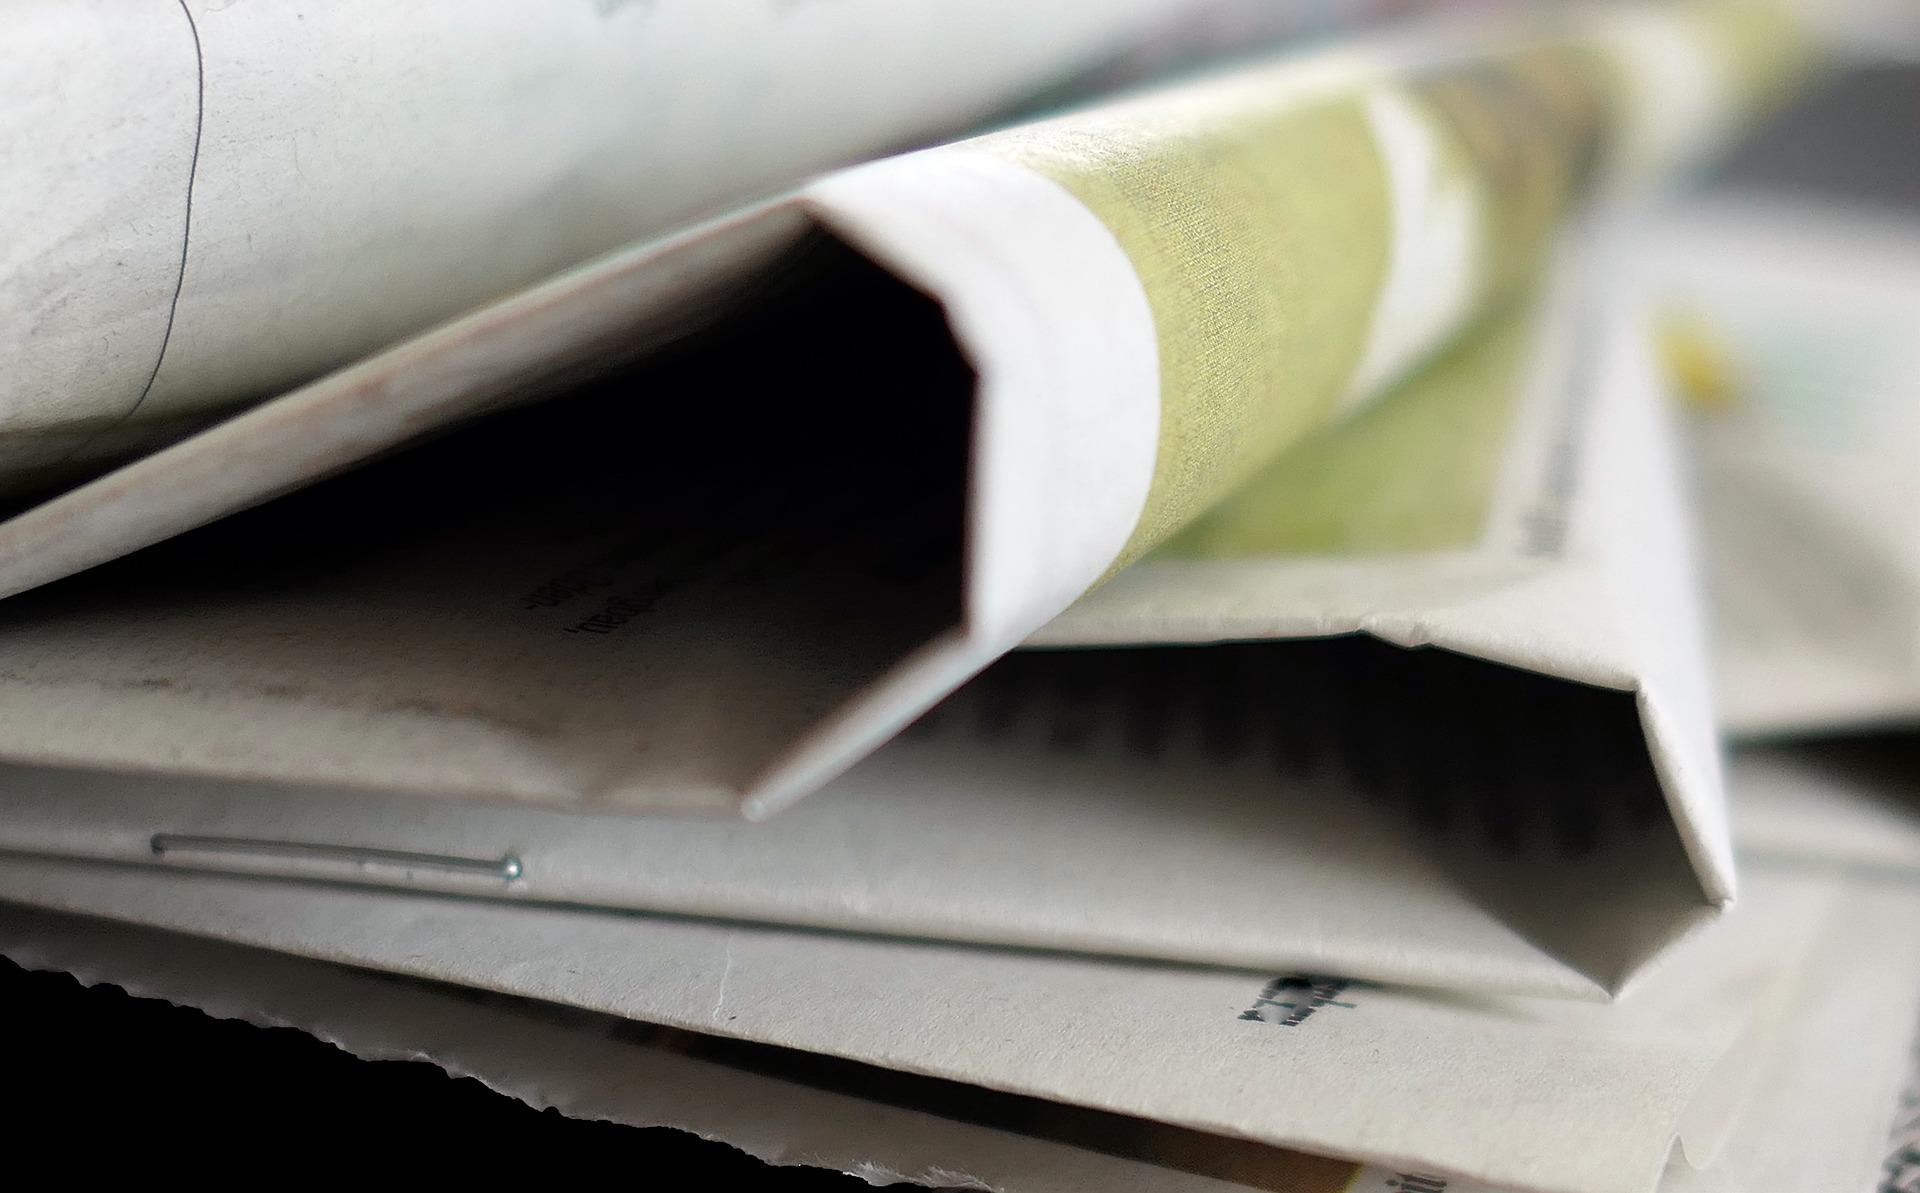 Ufficio Stampa : Formello: illegittima la procedura per lufficio stampa stampa romana